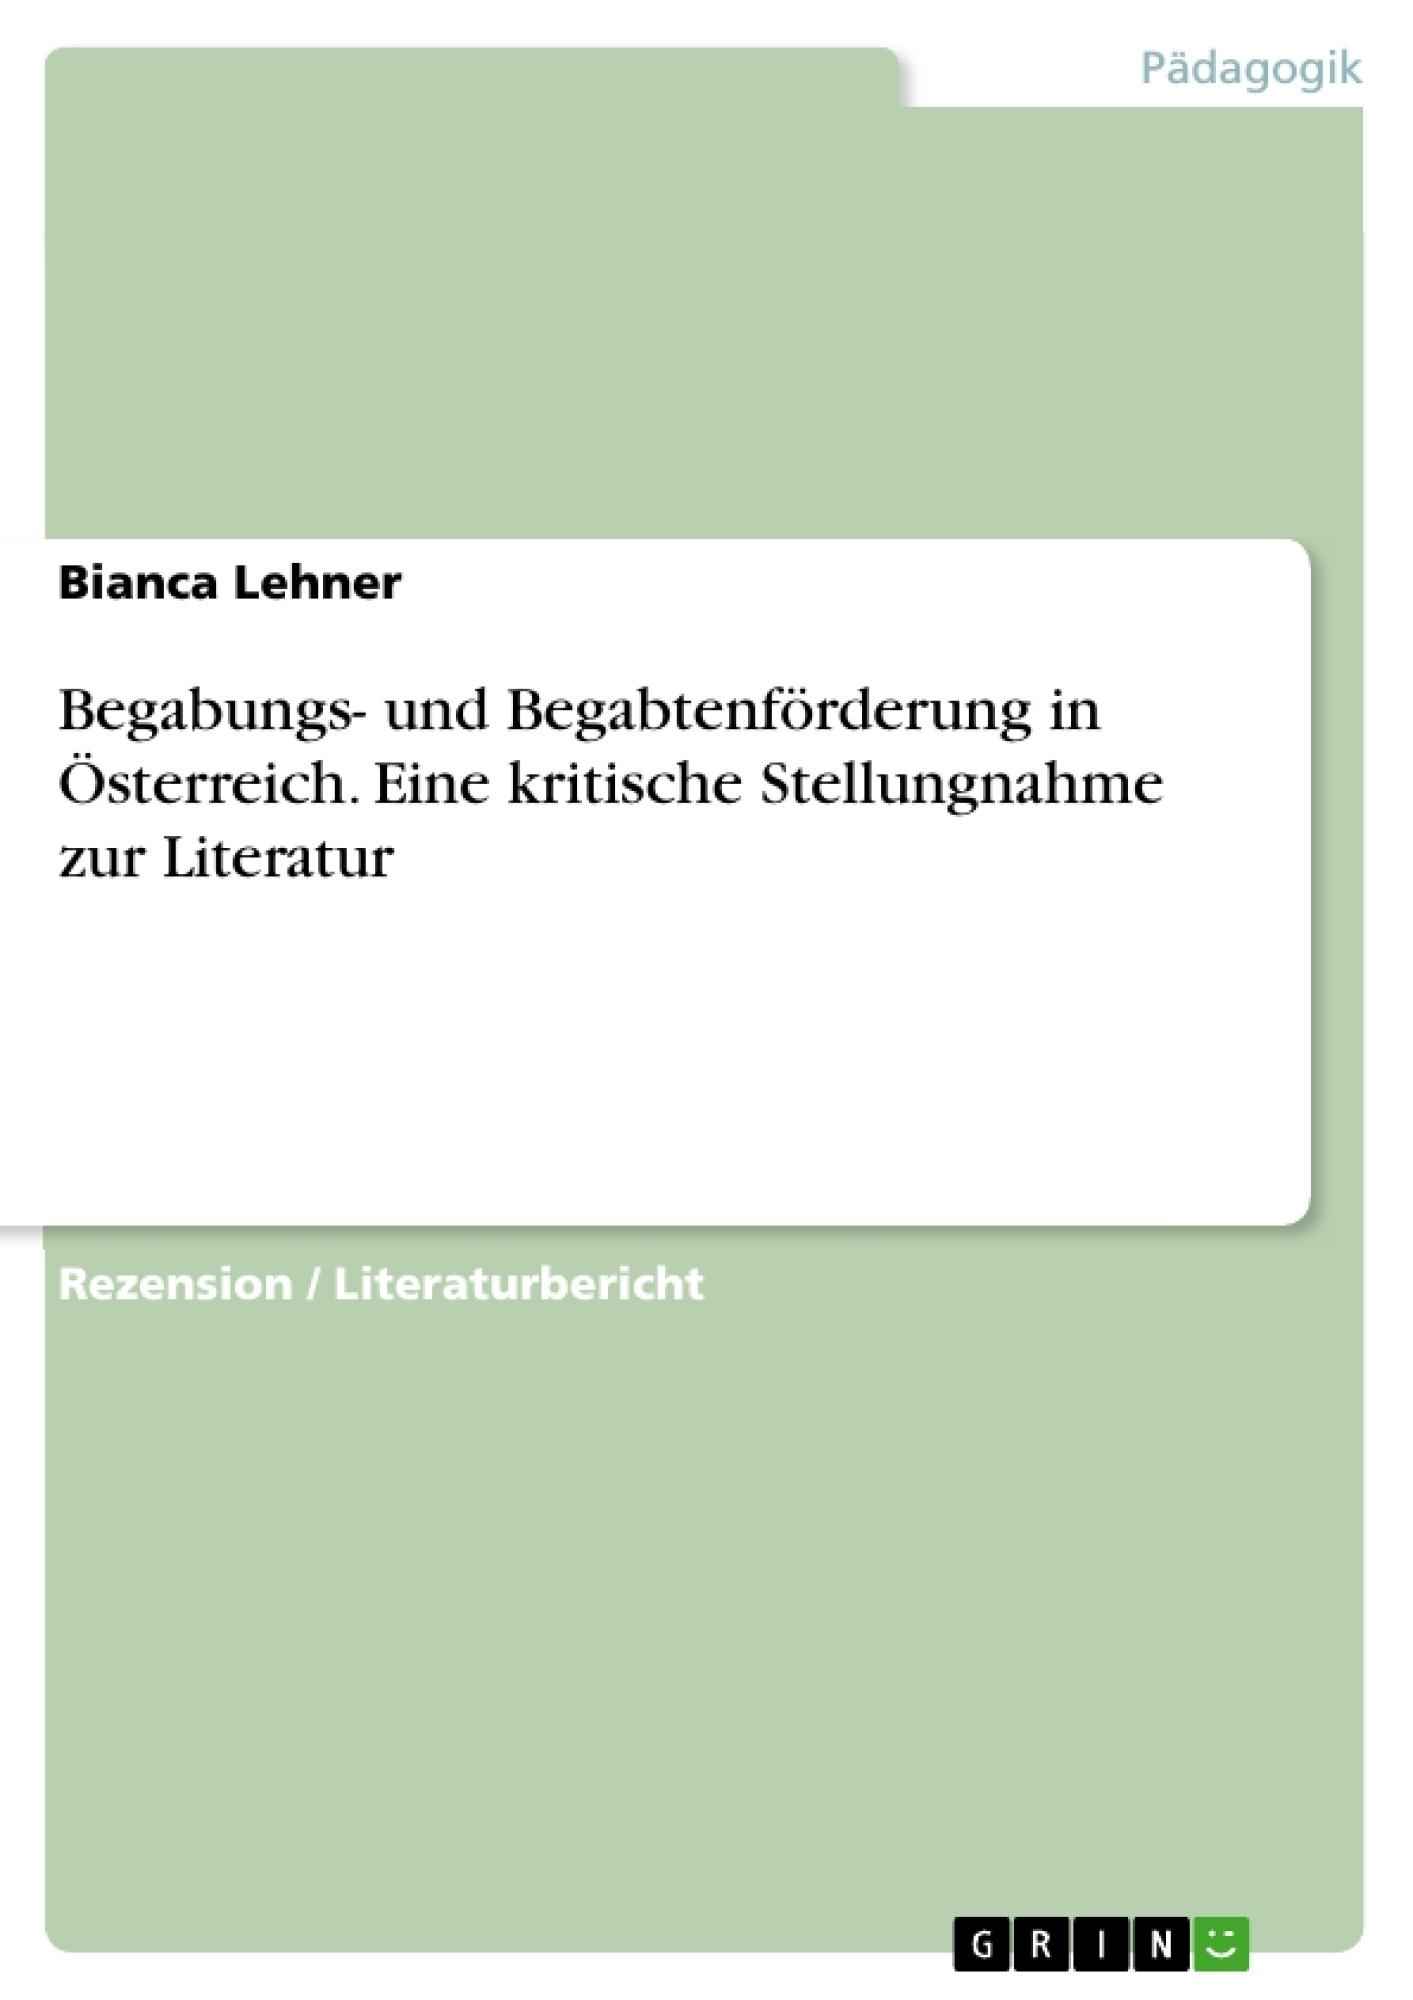 Titel: Begabungs- und Begabtenförderung in Österreich. Eine kritische Stellungnahme zur Literatur